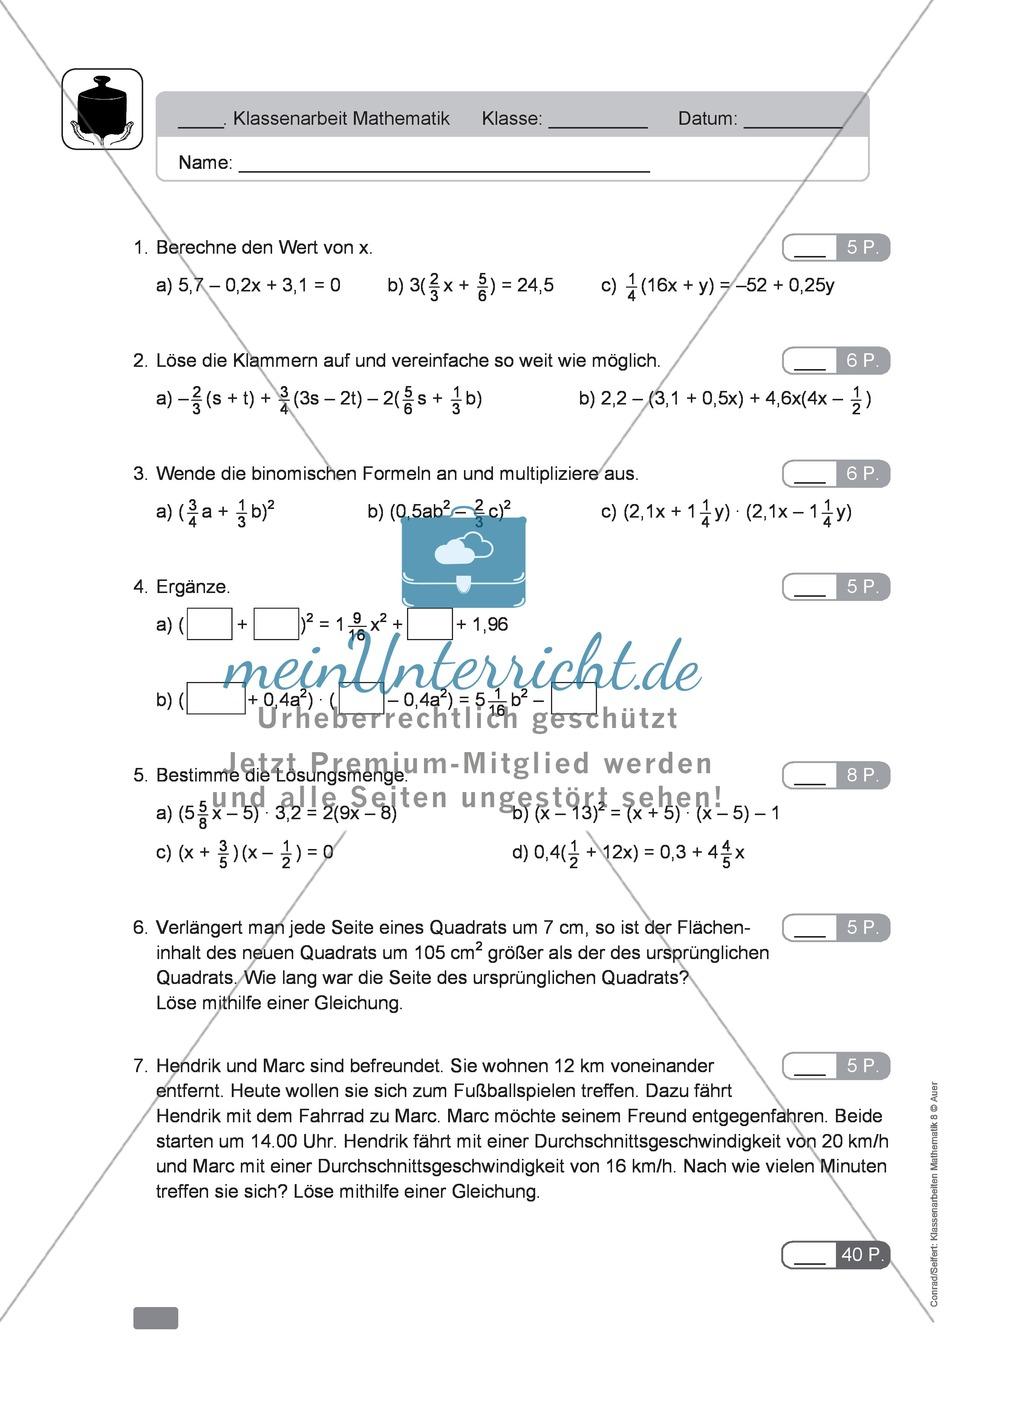 Vorschläge für eine Klassenarbeit zum Thema Terme und Gleichungen ...